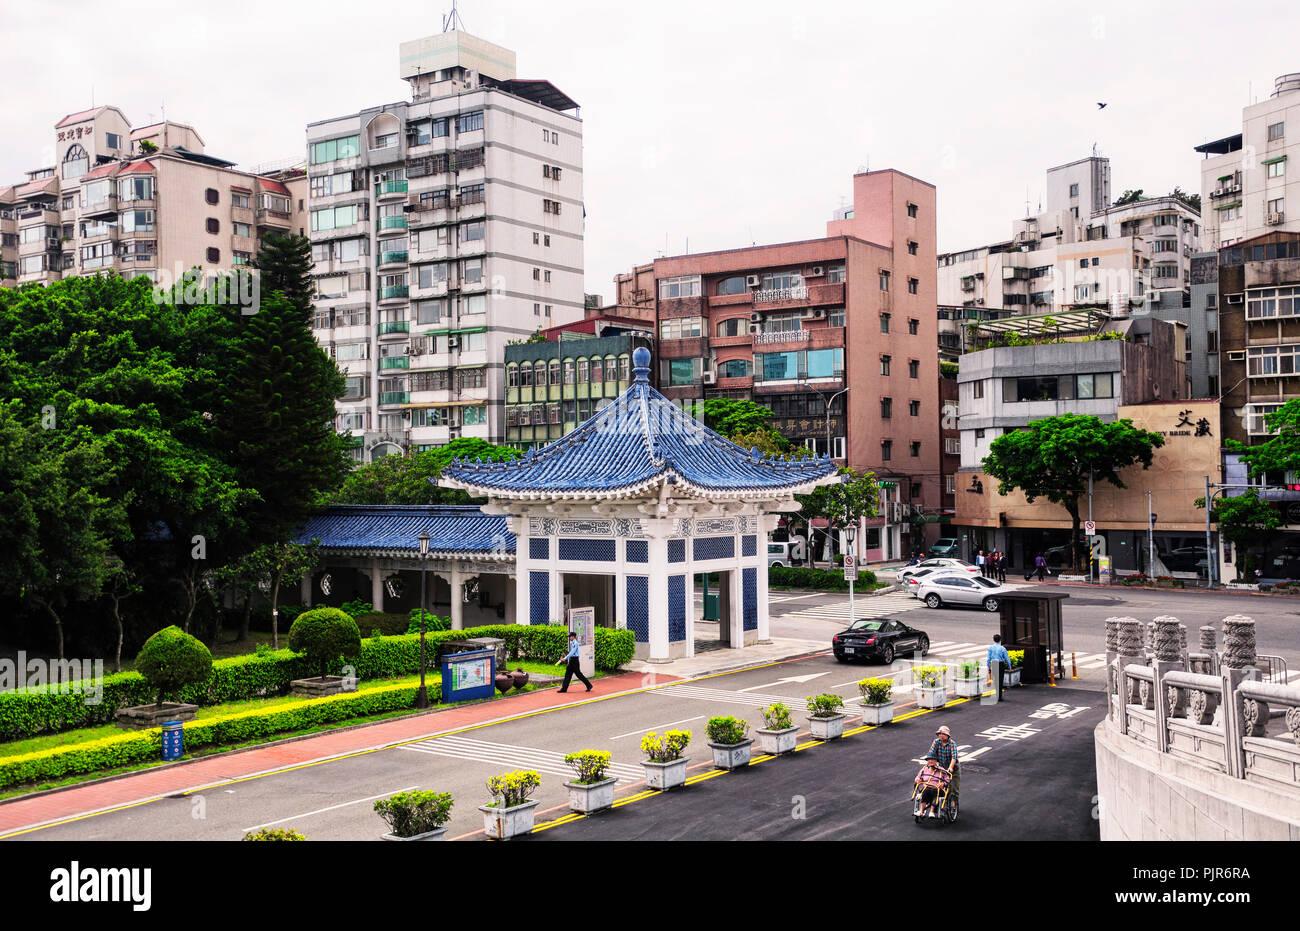 Le 31 mars 2018. Taipei, Taiwan. Les immeubles à appartements dans le quartier Zhongzheng de Taipei Taiwan près de l'entrée de la salle de théâtre national. Photo Stock